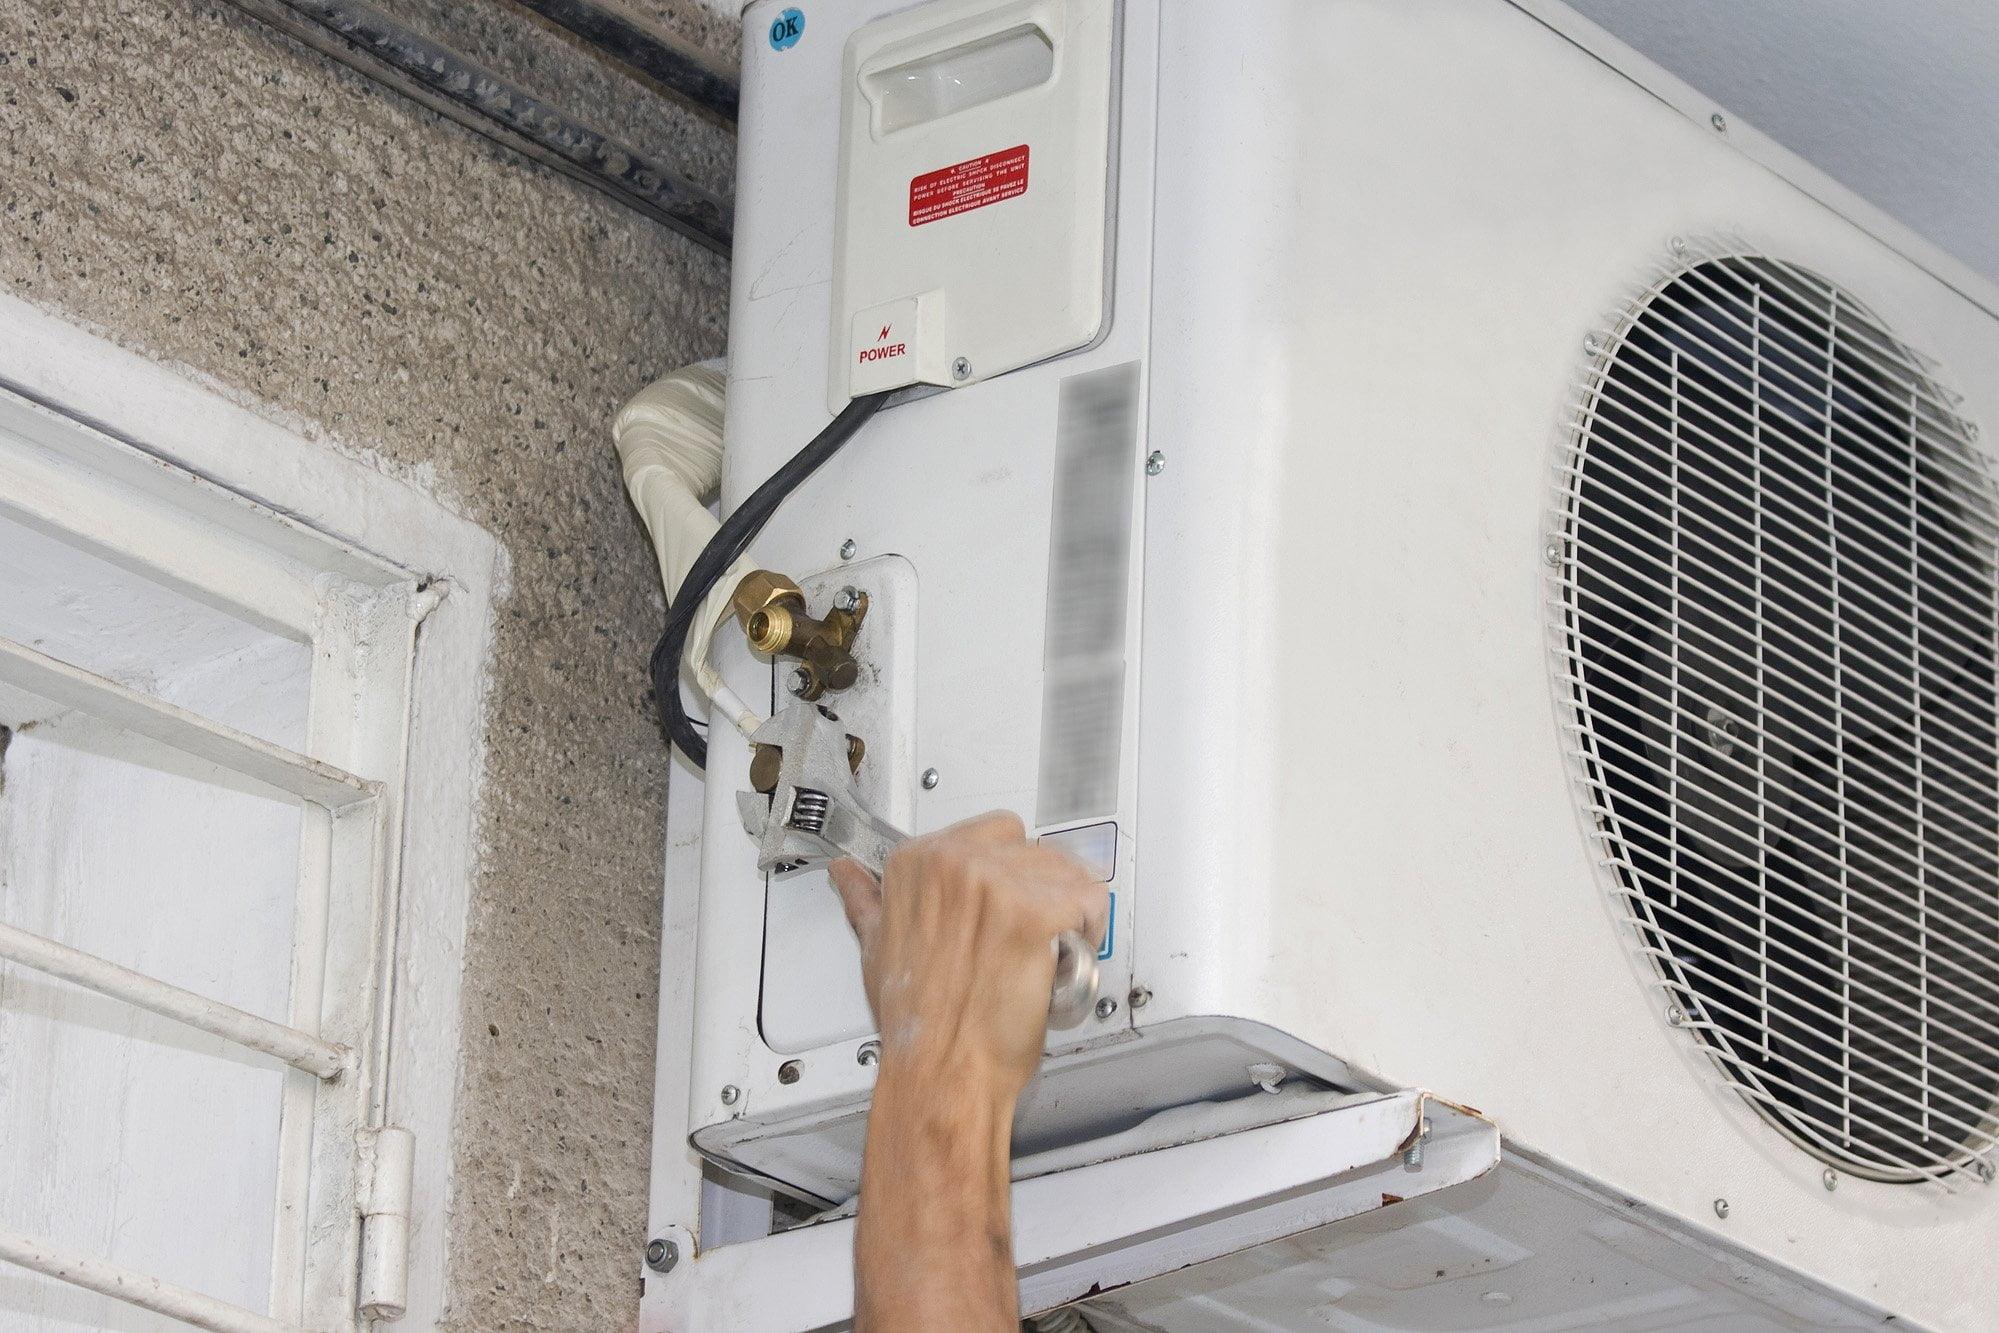 air conditioners need regular maintenance